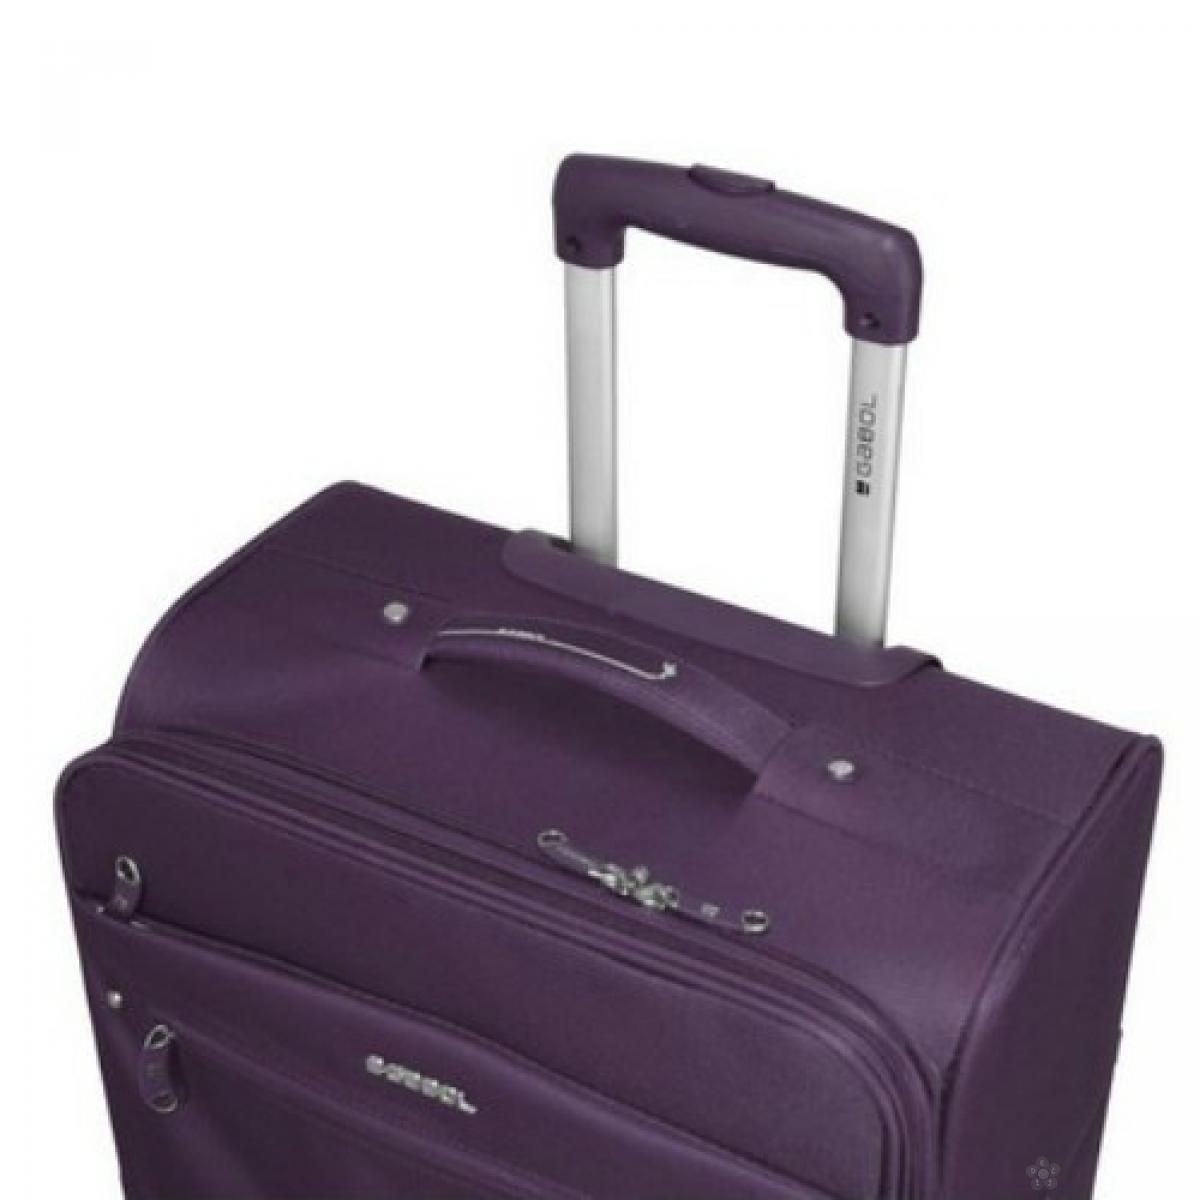 Kofer srednji polyester 65l-3,4 kg Daisy ljubičasta, 16KG112146L